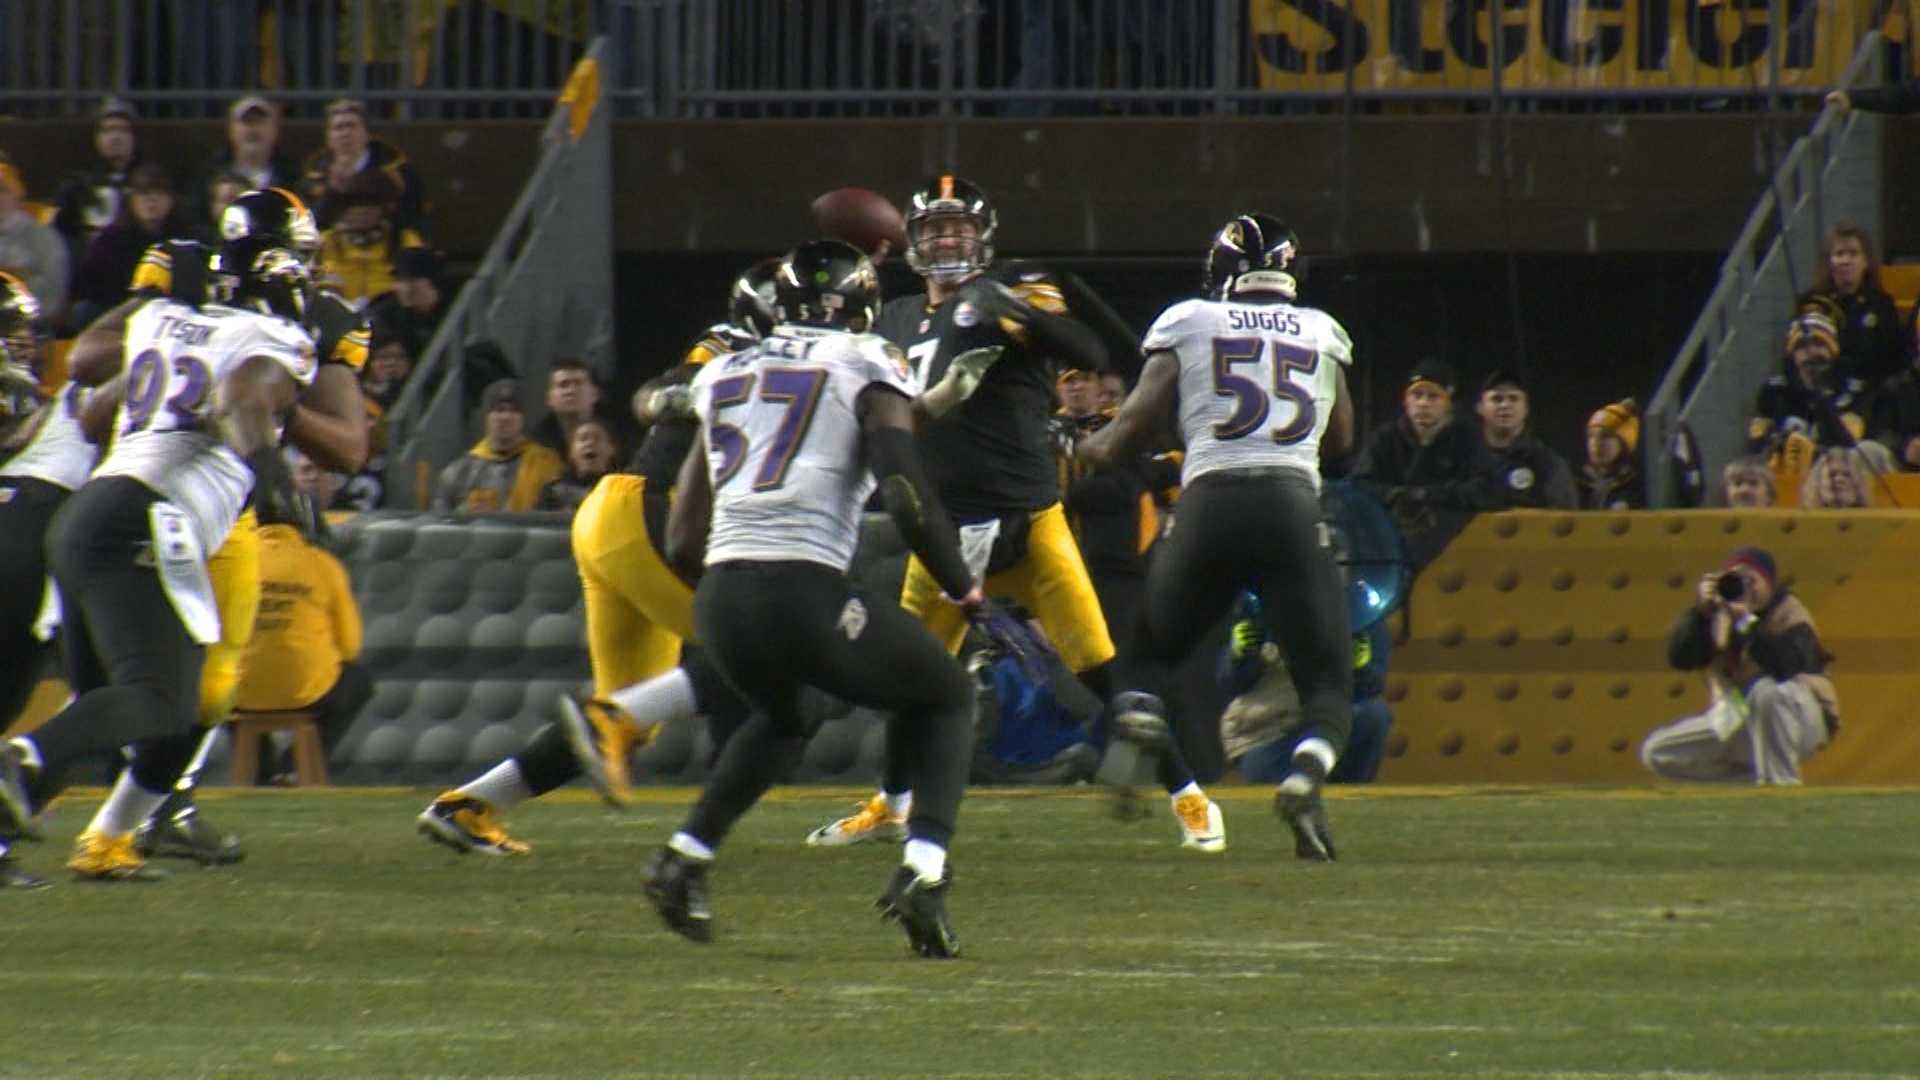 Ben Roethlisberger passes against the Ravens.